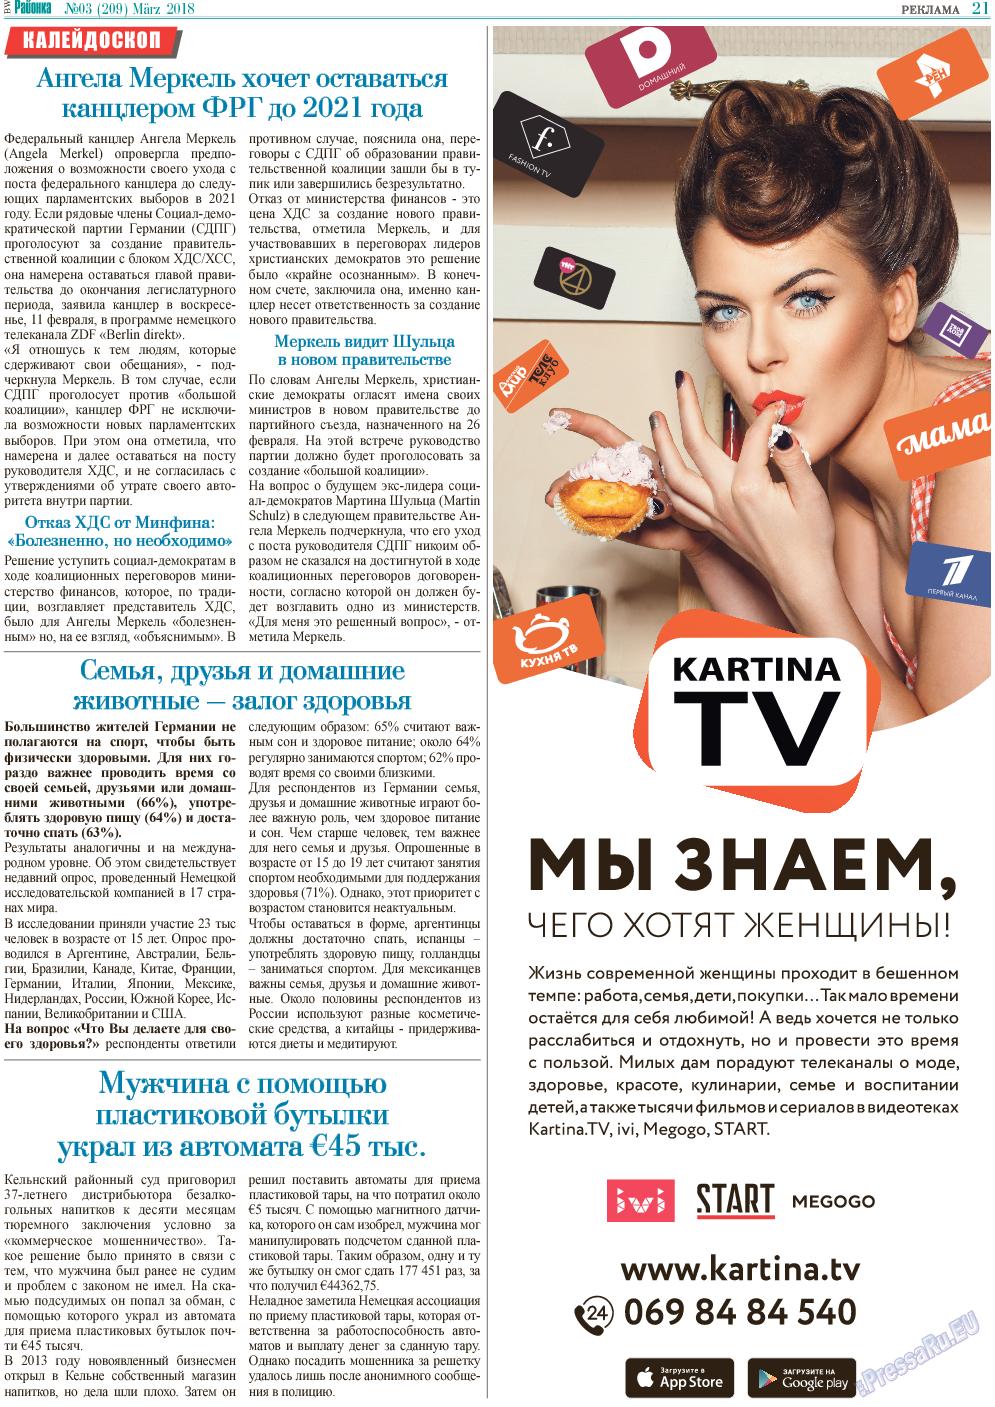 Районка-West (газета). 2018 год, номер 3, стр. 21